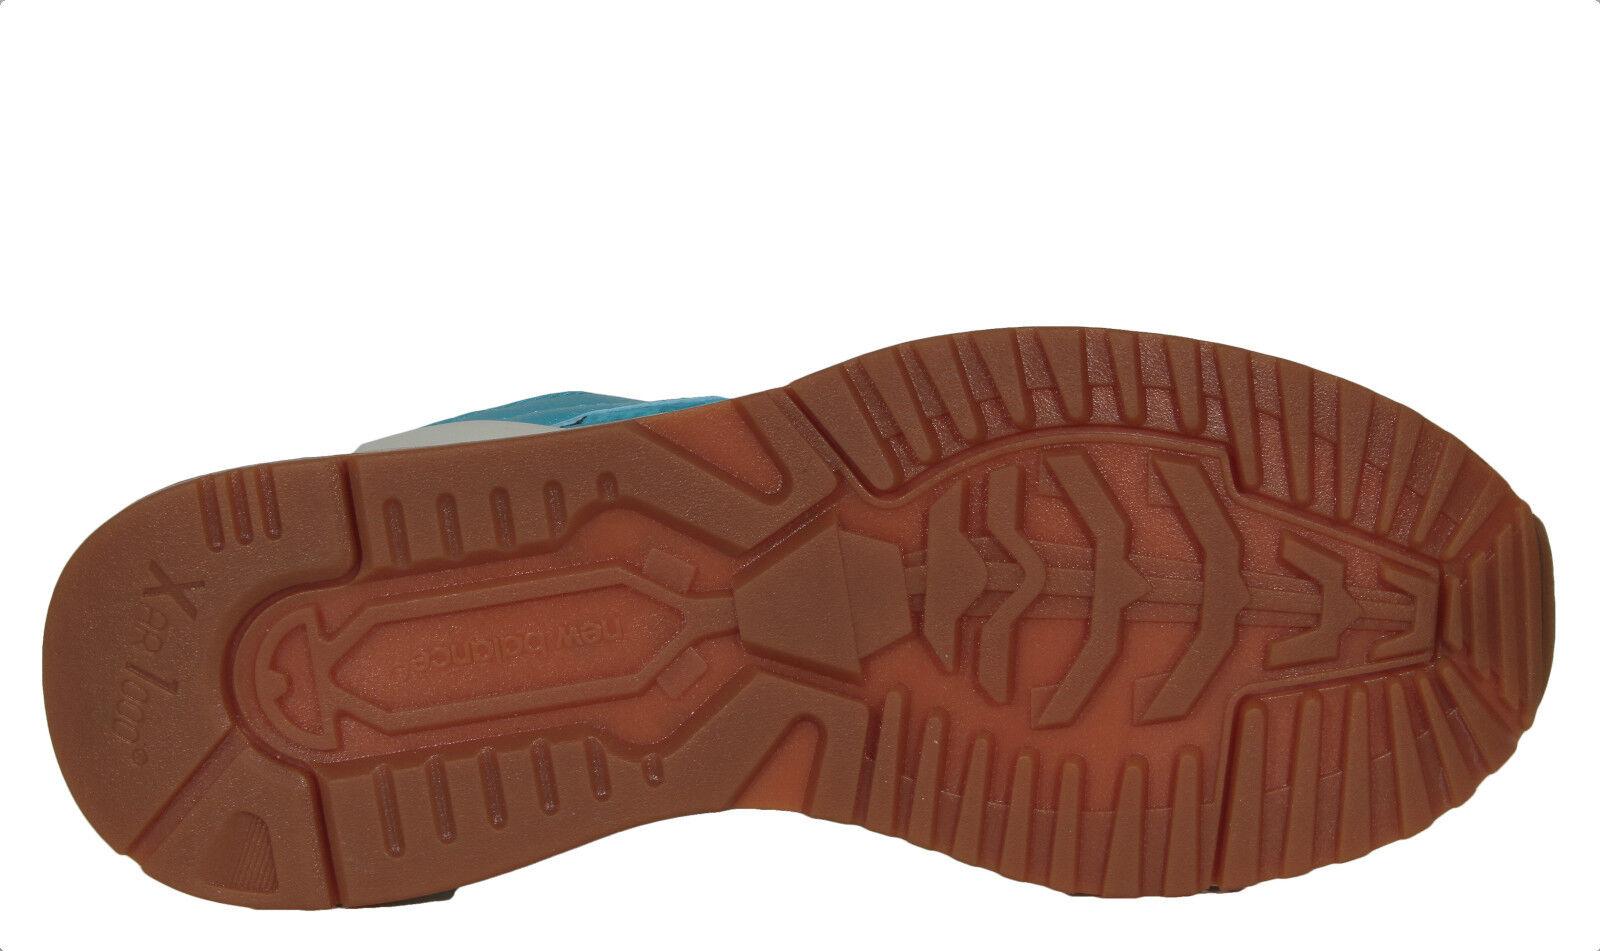 nouveau formation solde 530 90 en formation nouveau classique w530aah des chaussures solides 88ca58